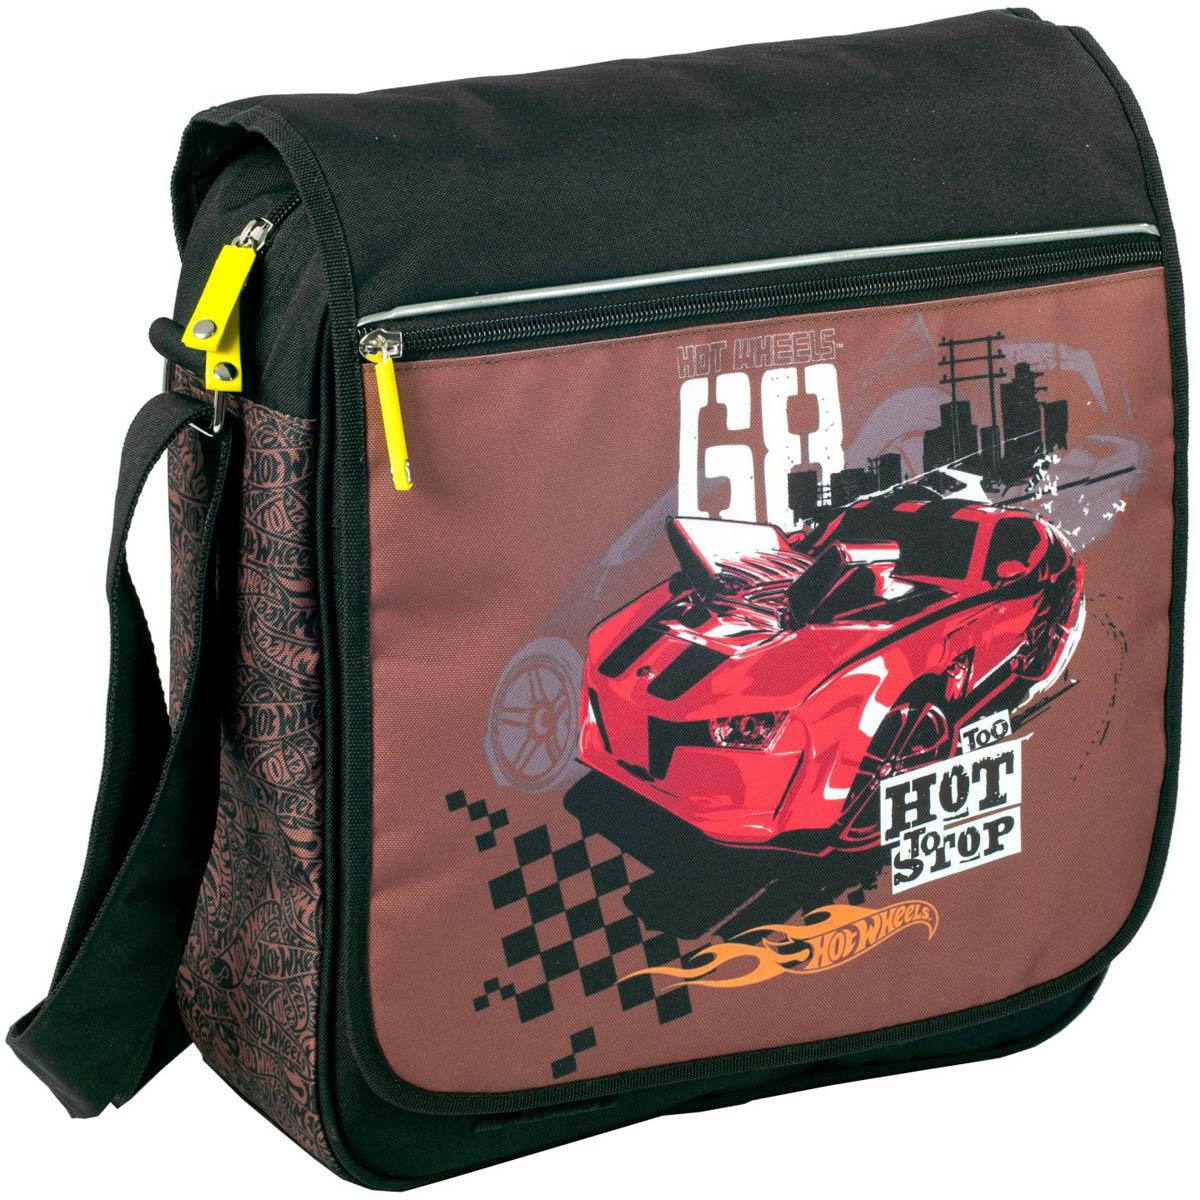 Erich Krause Сумка школьная Hot Wheels Racing39165Школьная сумка Erich Krause имеет прямоугольную форму. Сумка достаточно вместительная.Она имеется одно большое отделение. Застегивается на застежку-молнию и дополнительно наклапан. На клапане расположен прорезной карман на застежке-молнии. Удобный регулируемыйремень для переноски позволяет носить сумку на плече или через плечо. Изготовлена из современного материала высоко качества, не содержащего в своем составевредных или опасных для здоровья ребенка веществ.